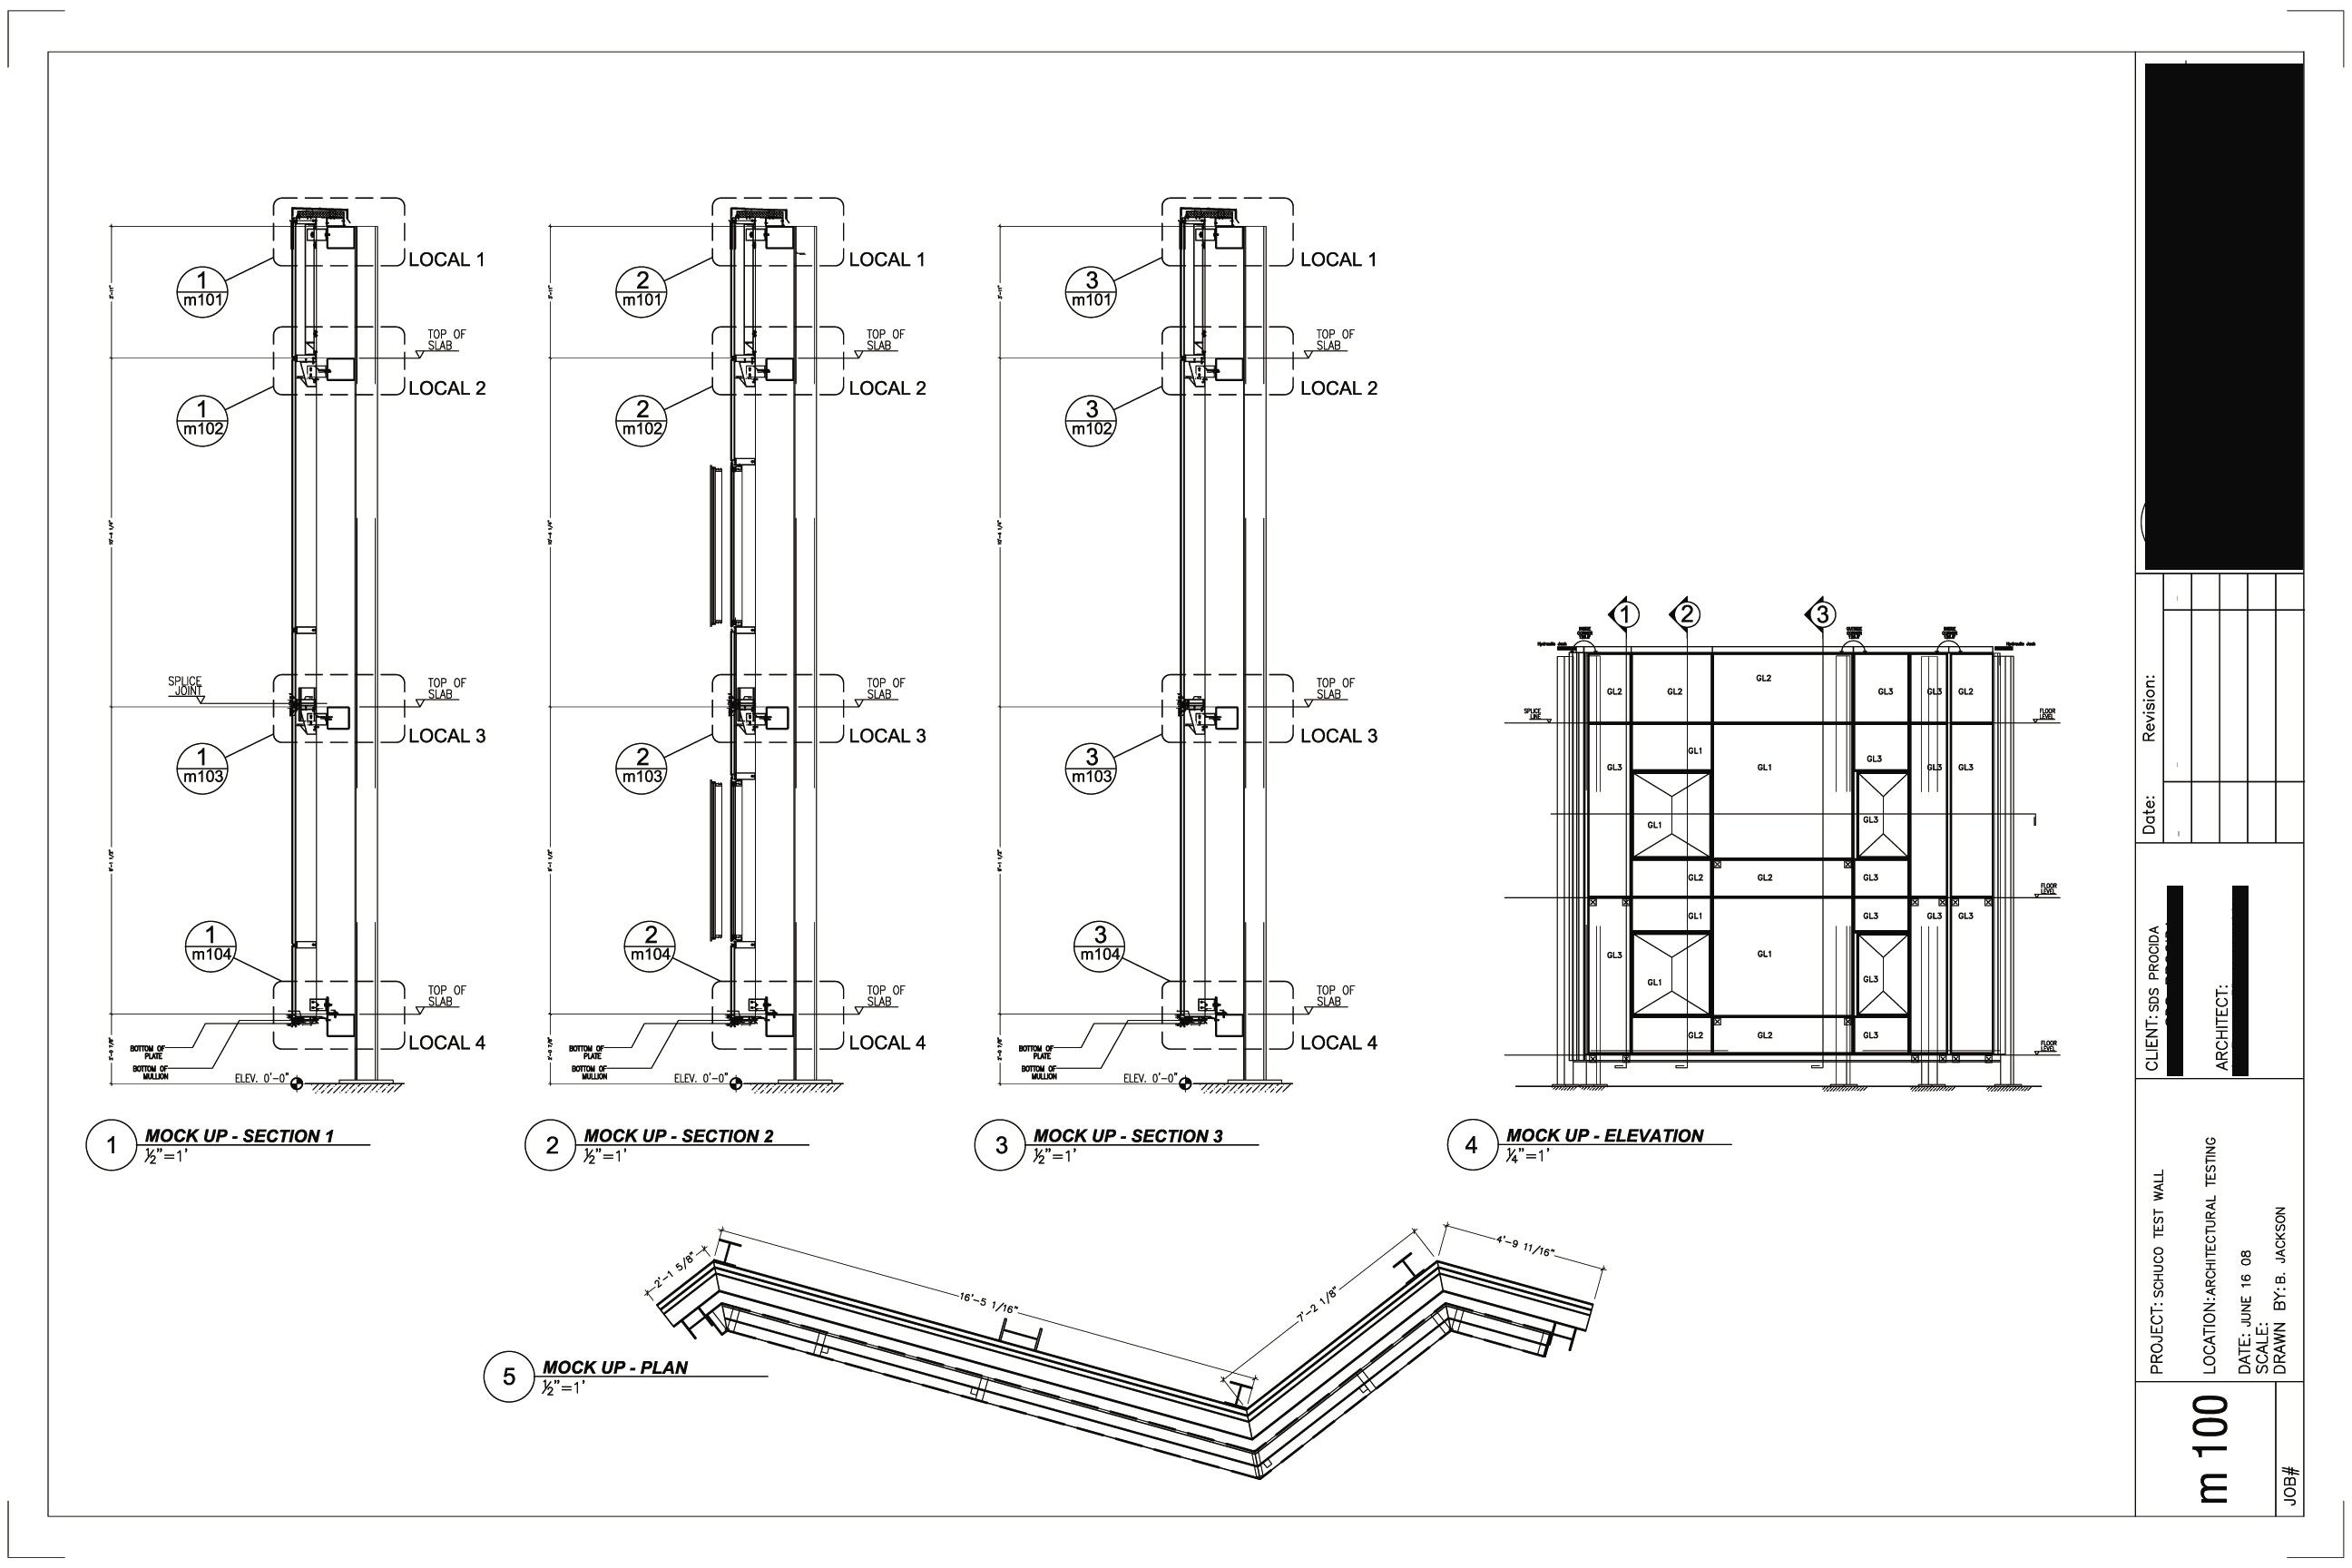 Ductwork Autocad Blocks